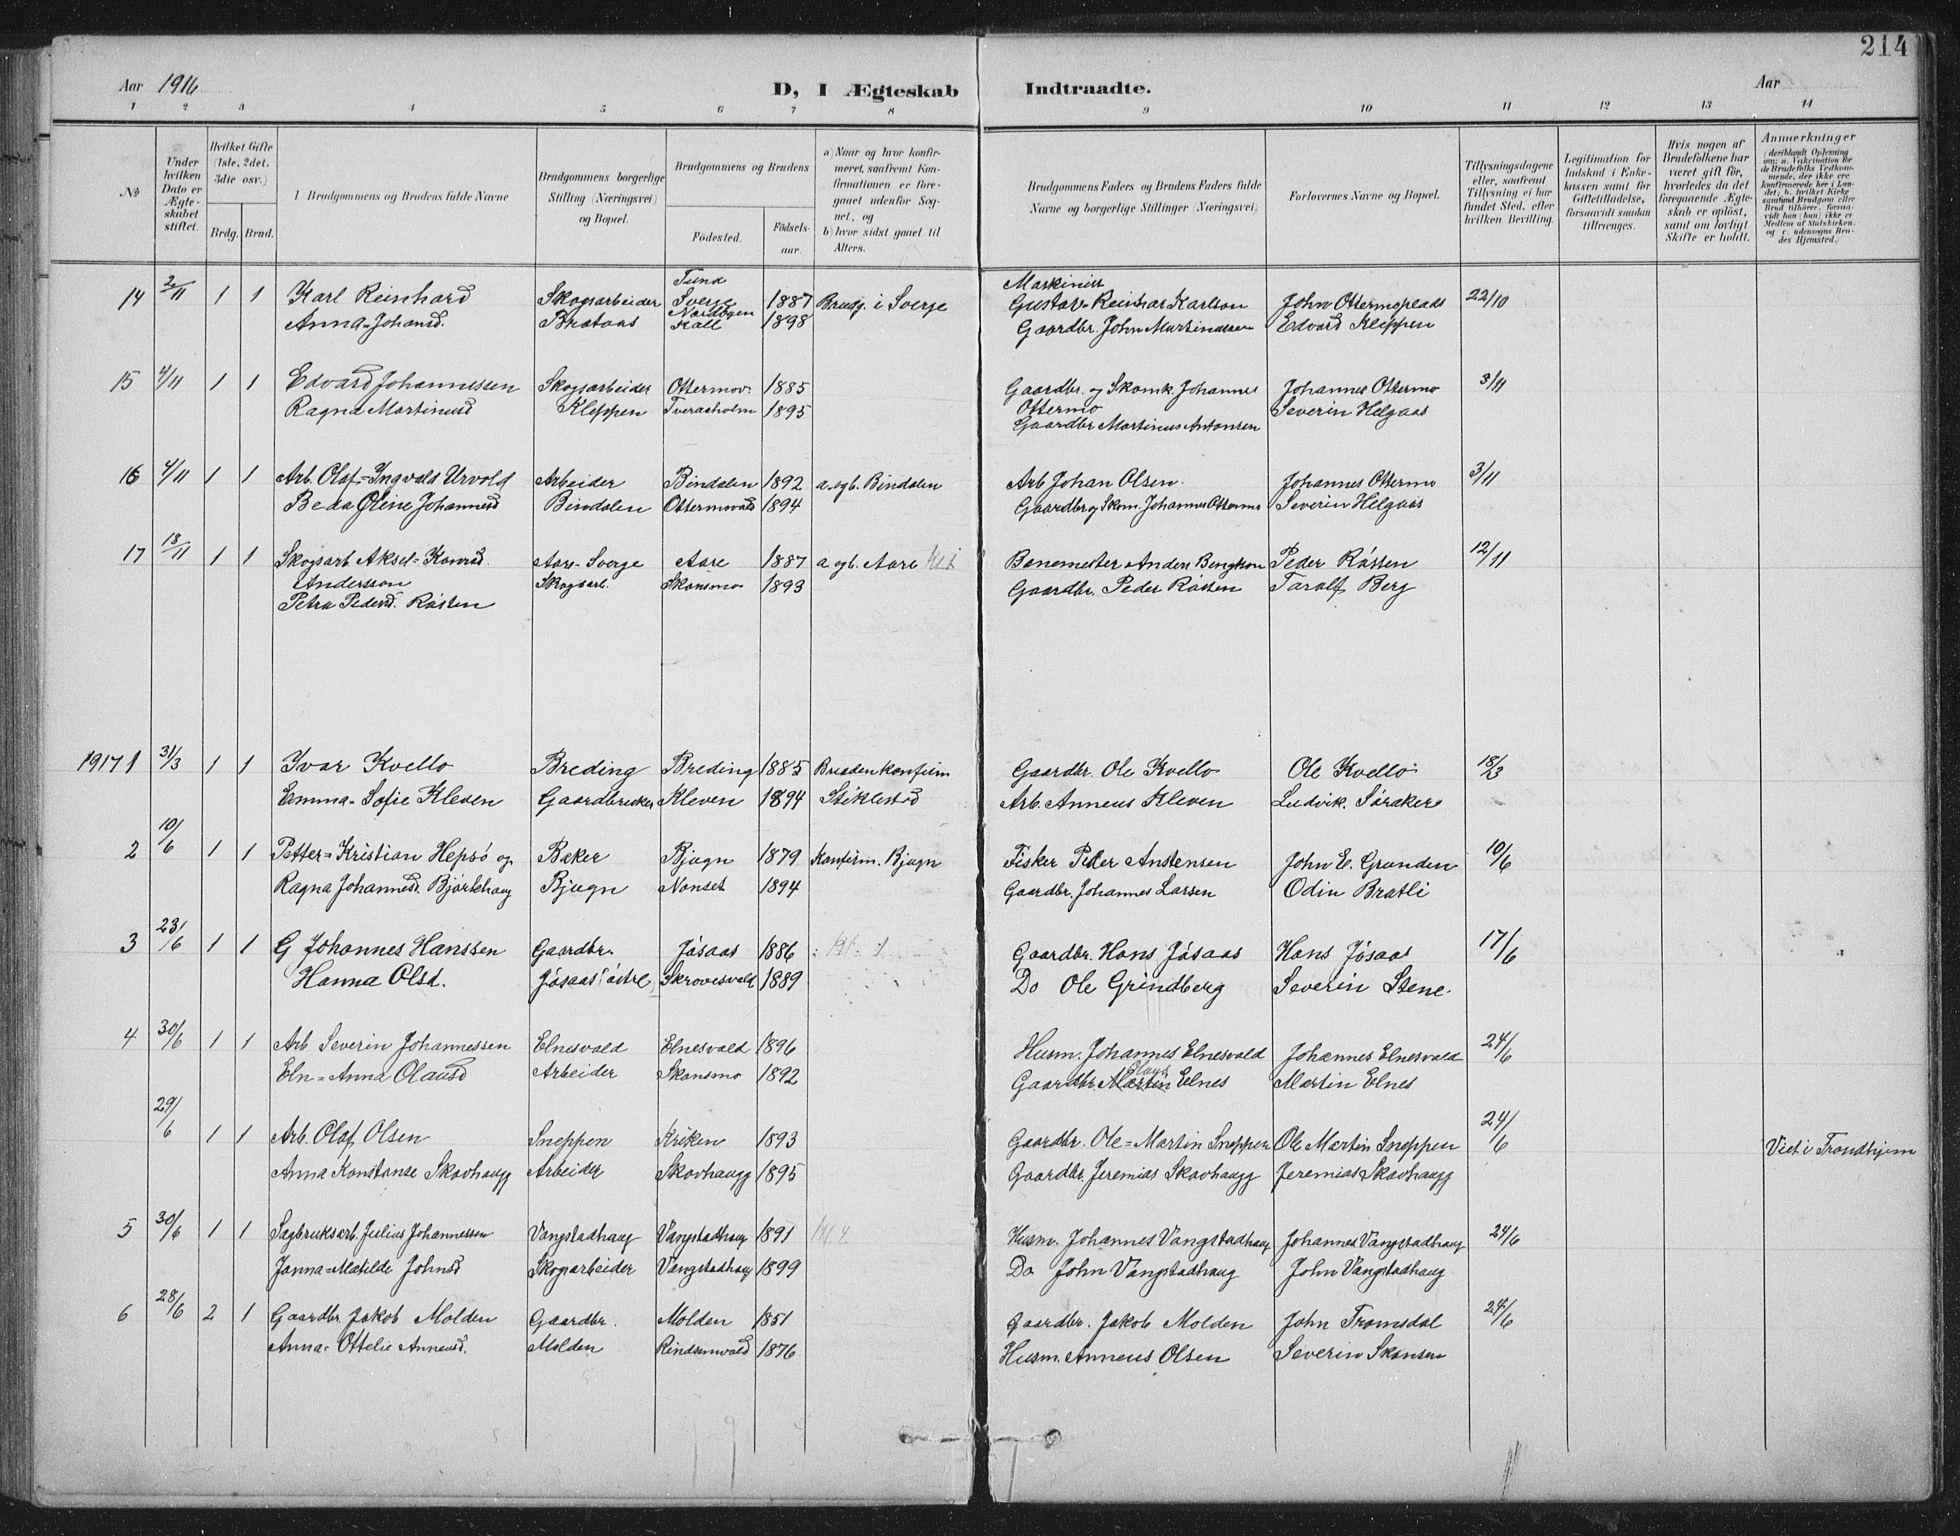 SAT, Ministerialprotokoller, klokkerbøker og fødselsregistre - Nord-Trøndelag, 724/L0269: Klokkerbok nr. 724C05, 1899-1920, s. 214